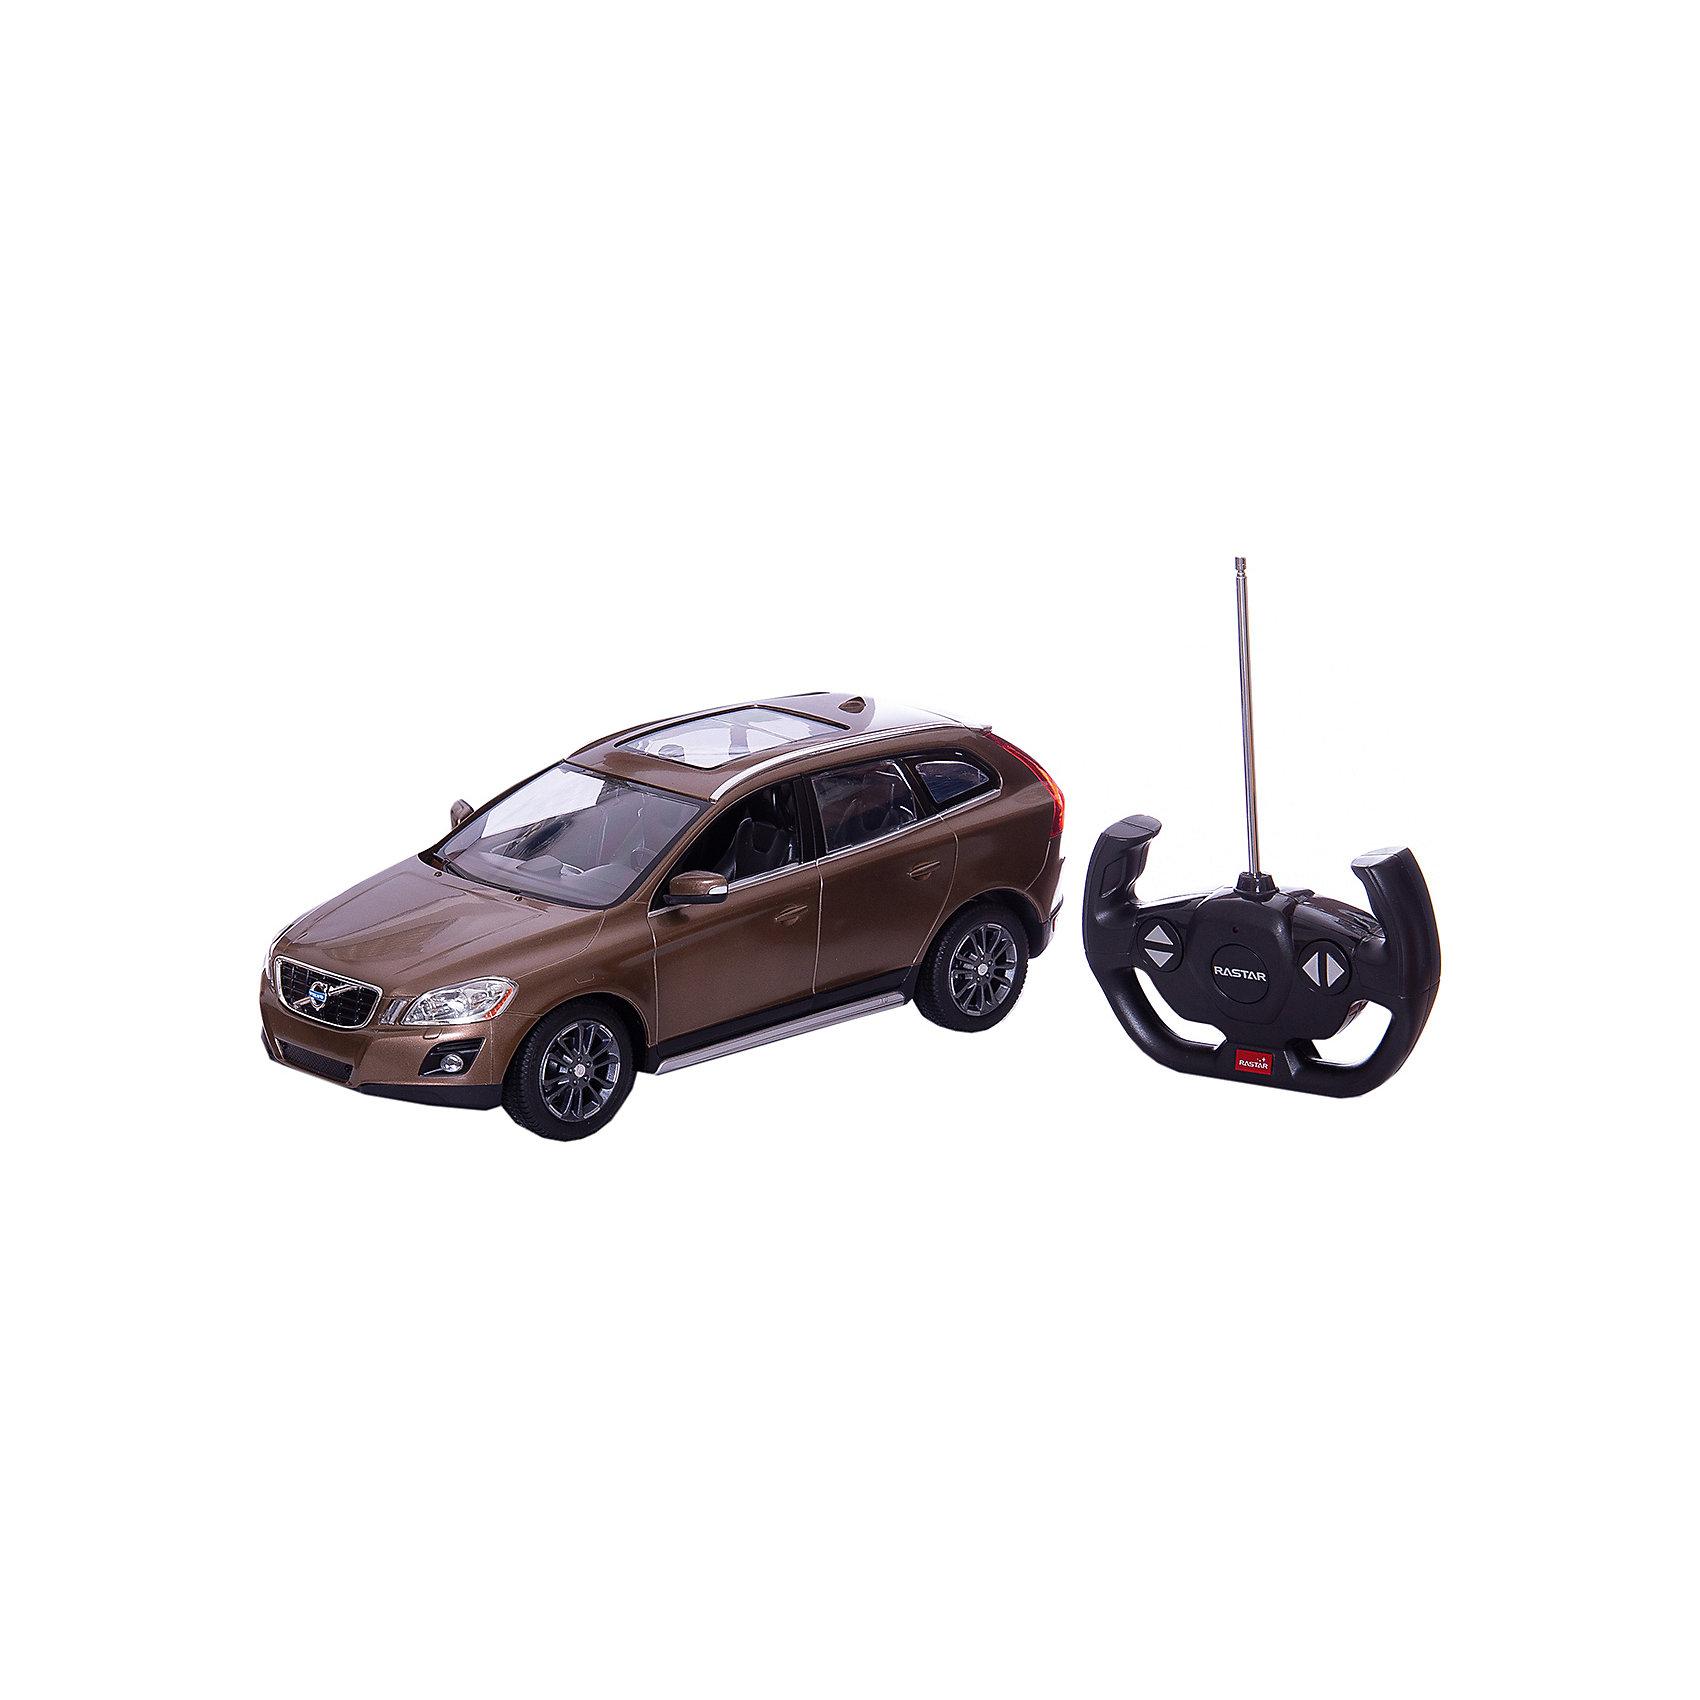 RASTAR Радиоуправляемая машина Volvo XC60 1:14, коричневаяRASTAR Радиоуправляемая машина Volvo XC60 1:14 - игрушка, которая наверняка приведет в восторг юного любителя  взрослых автомобилей: эта радиоуправляемая машина - уменьшенная копия настоящей Volvo! <br><br>Модель выполнена в масштабе 1: 14.<br><br>Особенности игрушки:<br><br>- Работает на частоте: 27MHz; <br>- Движение вперед, назад, вправо, влево; <br>- Контроль управления: 15 - 45 метров; <br>- Развивает скорость до: 7 км/ч; <br>- Светятся фары. <br><br><br>Дополнительная информация:<br><br><br>- Для работы требуются батарейки: 5 Х АА, 6F/22<br>(не входят в комплект).<br>- Размер упаковки: 45,5 х 21,5 х 19,5 см.<br>- Вес: 1,38 кг.<br><br>Ширина мм: 195<br>Глубина мм: 455<br>Высота мм: 215<br>Вес г: 1380<br>Возраст от месяцев: 72<br>Возраст до месяцев: 144<br>Пол: Мужской<br>Возраст: Детский<br>SKU: 4833561